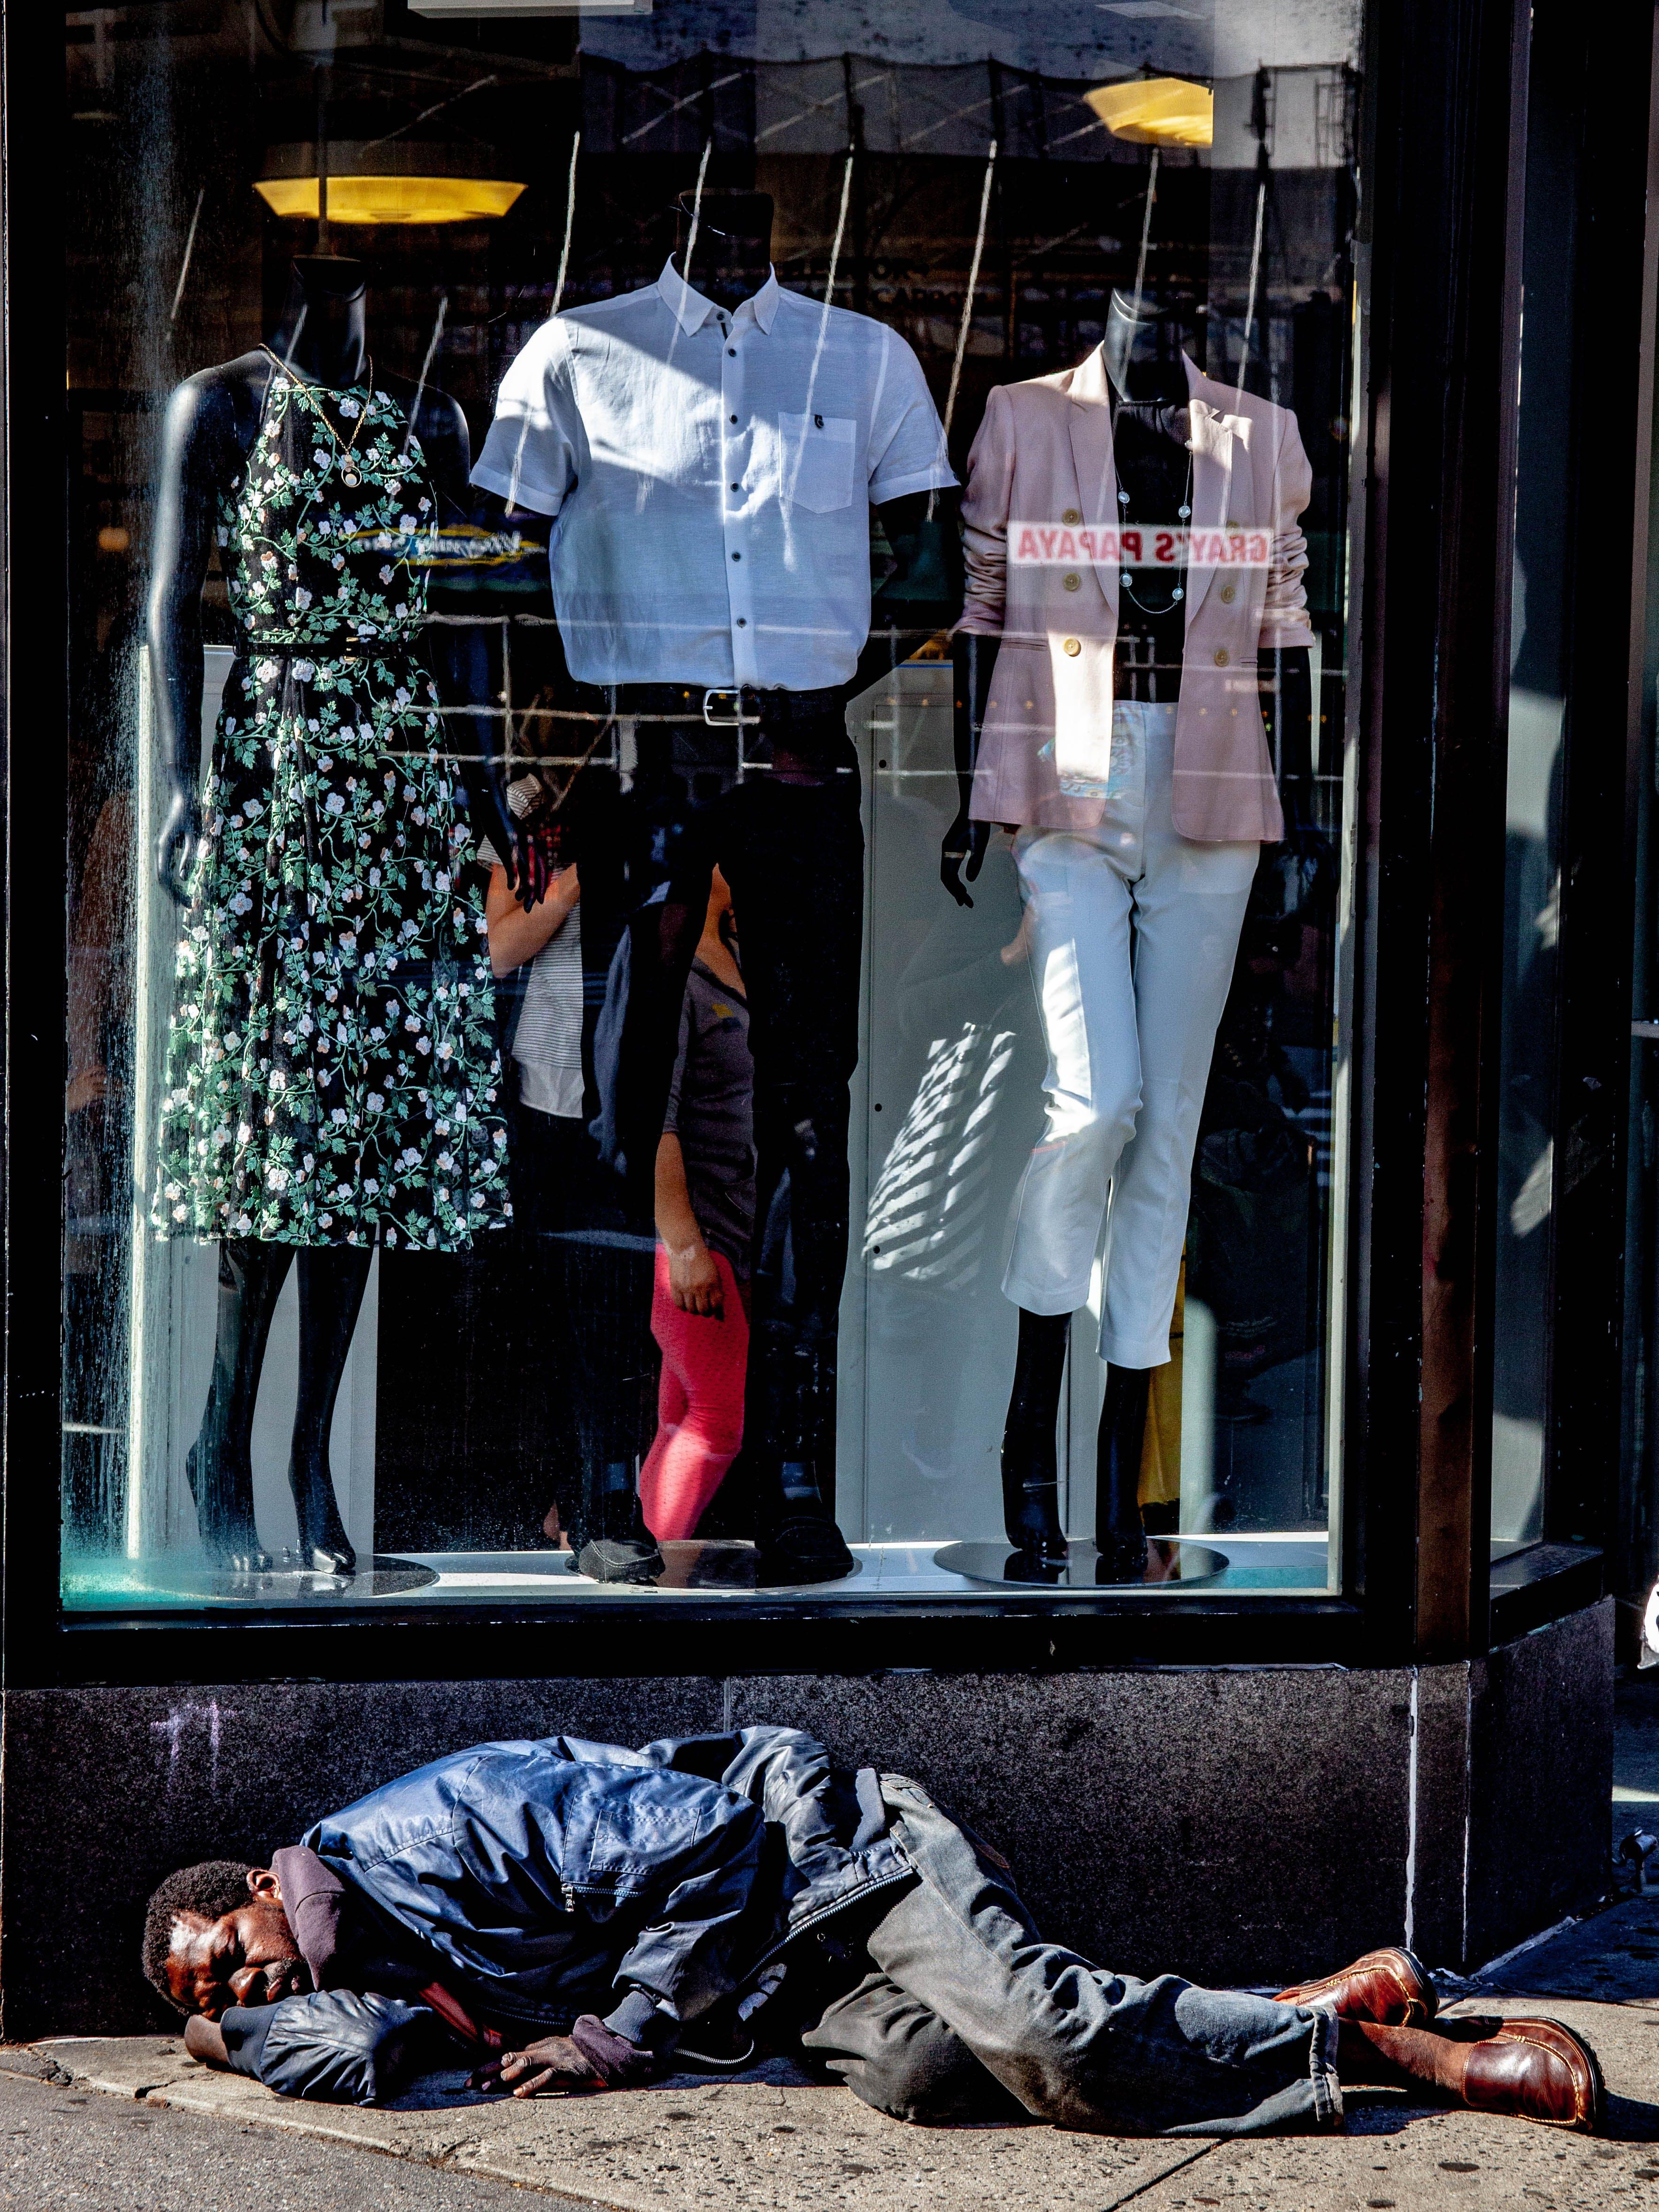 Kostnadsfri bild av fattigdom, hemlös, hemlöshet, klädbutik